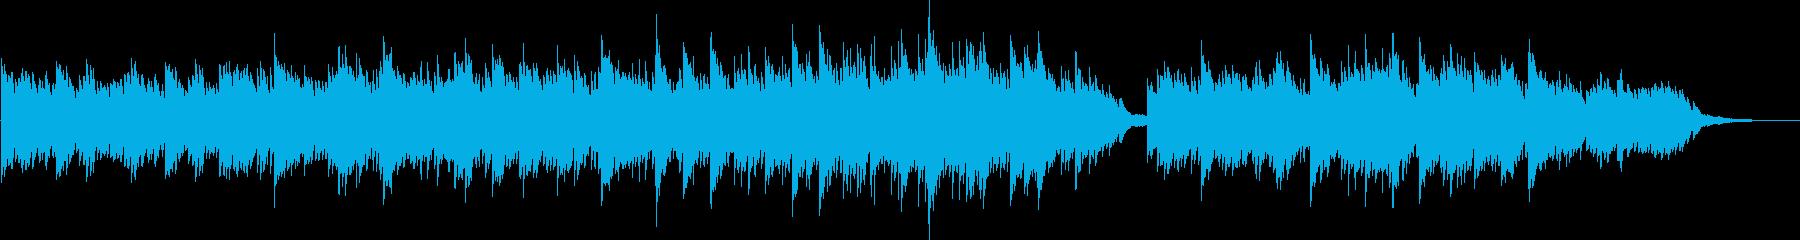 Sad Ambient Pianoの再生済みの波形